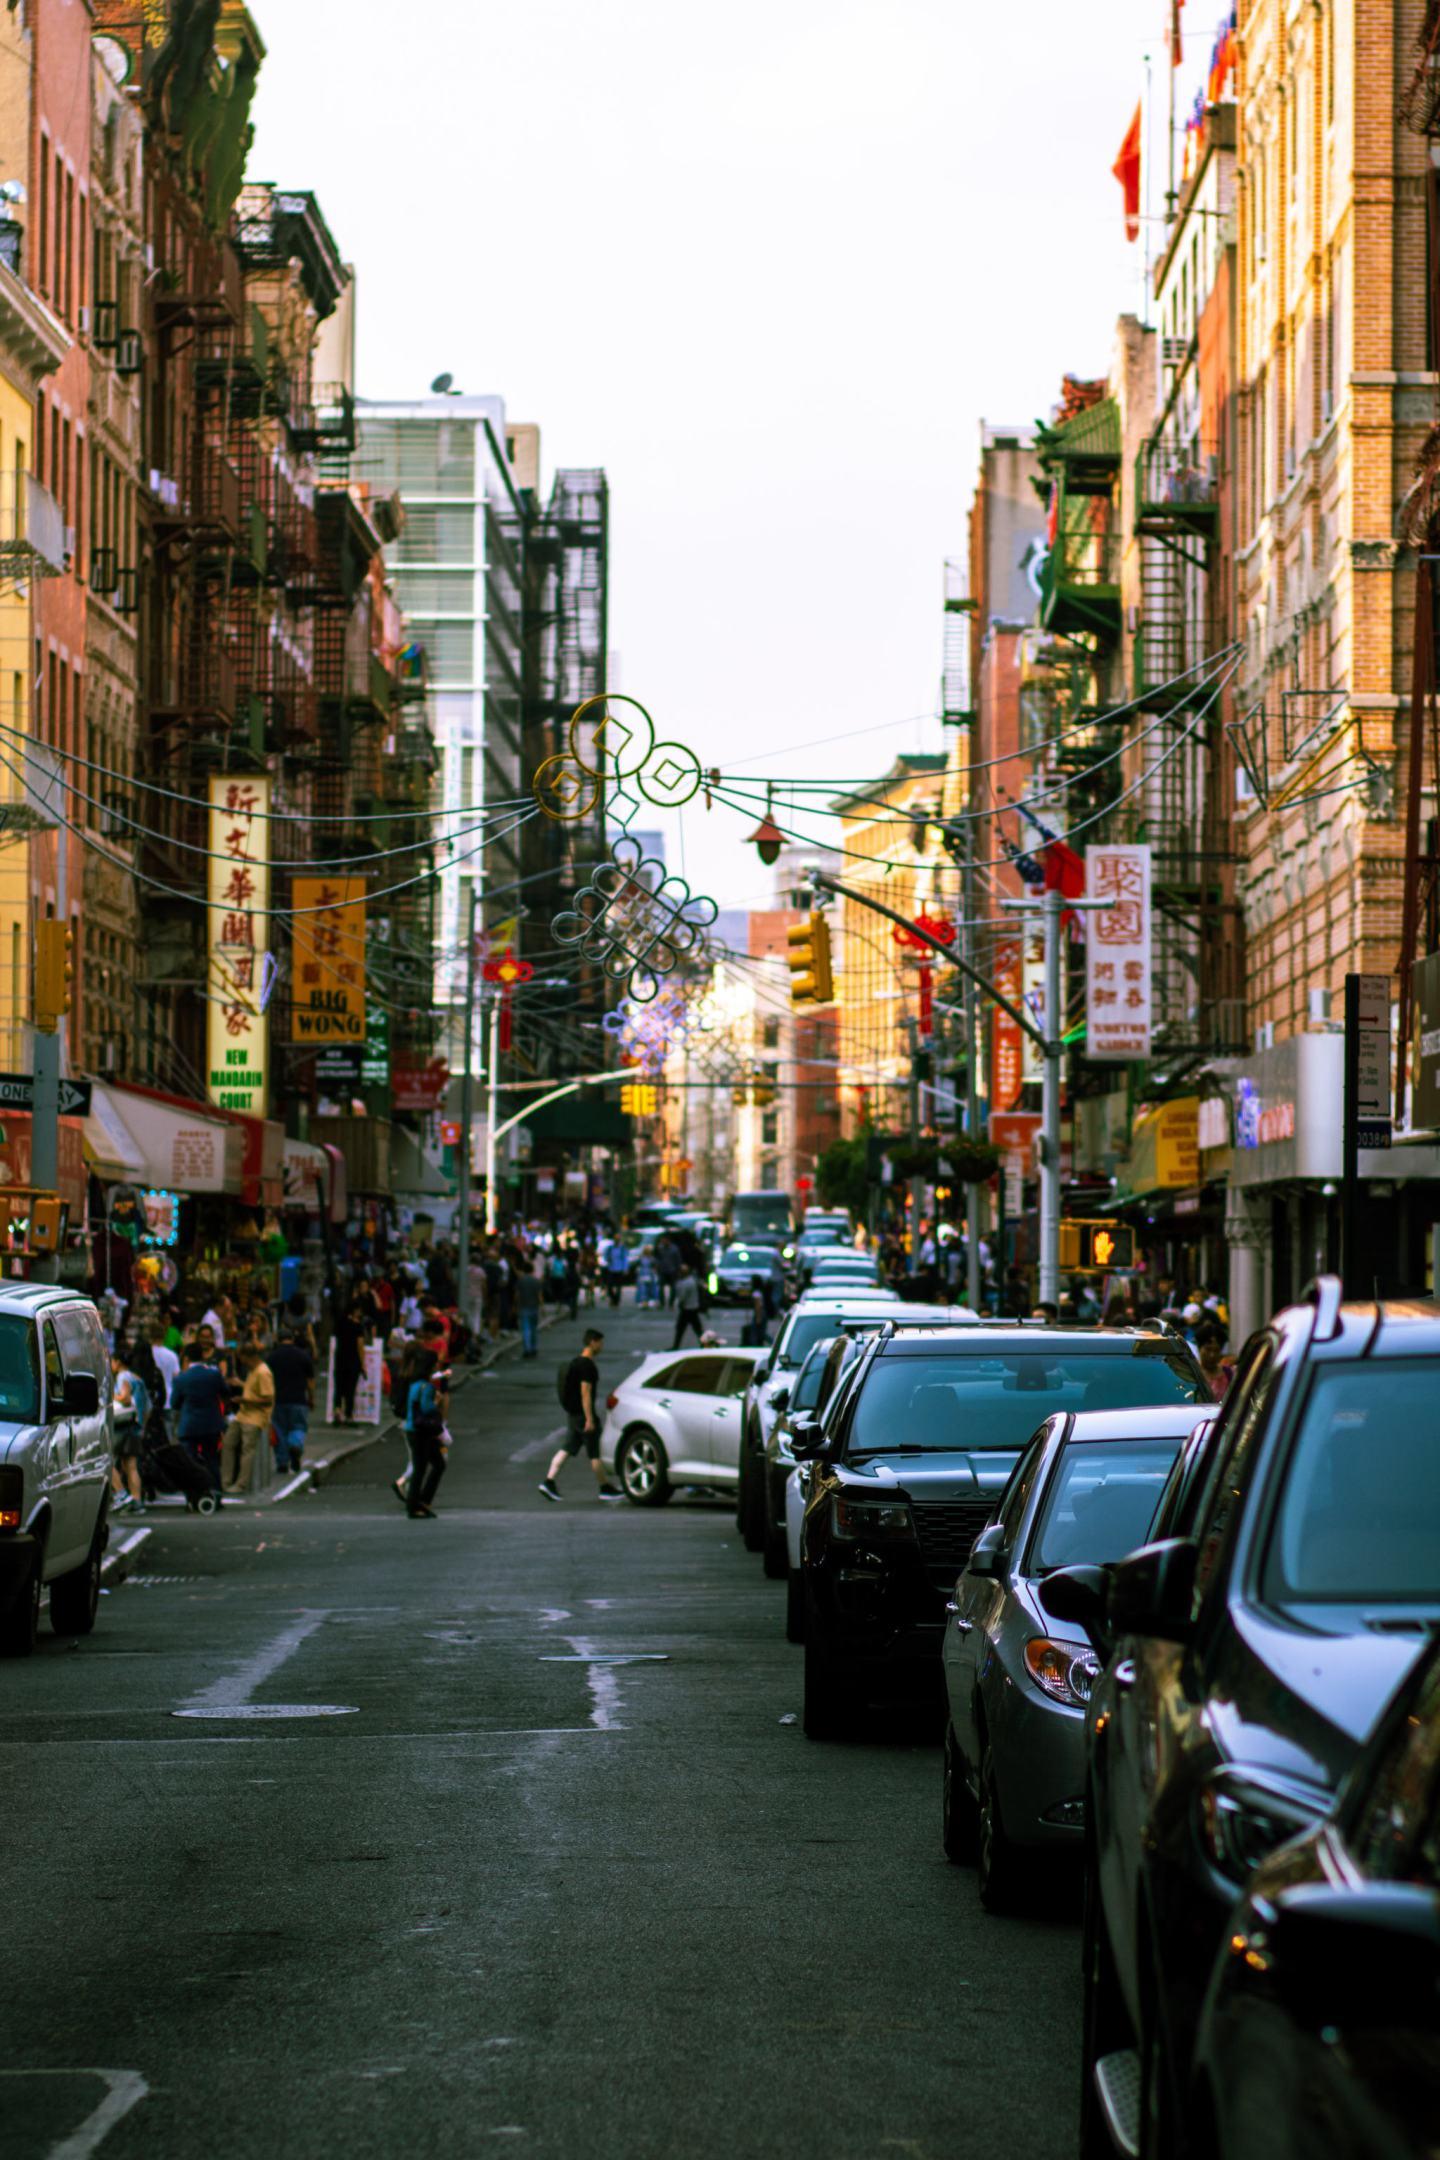 street view of Chinatown in Manhattan